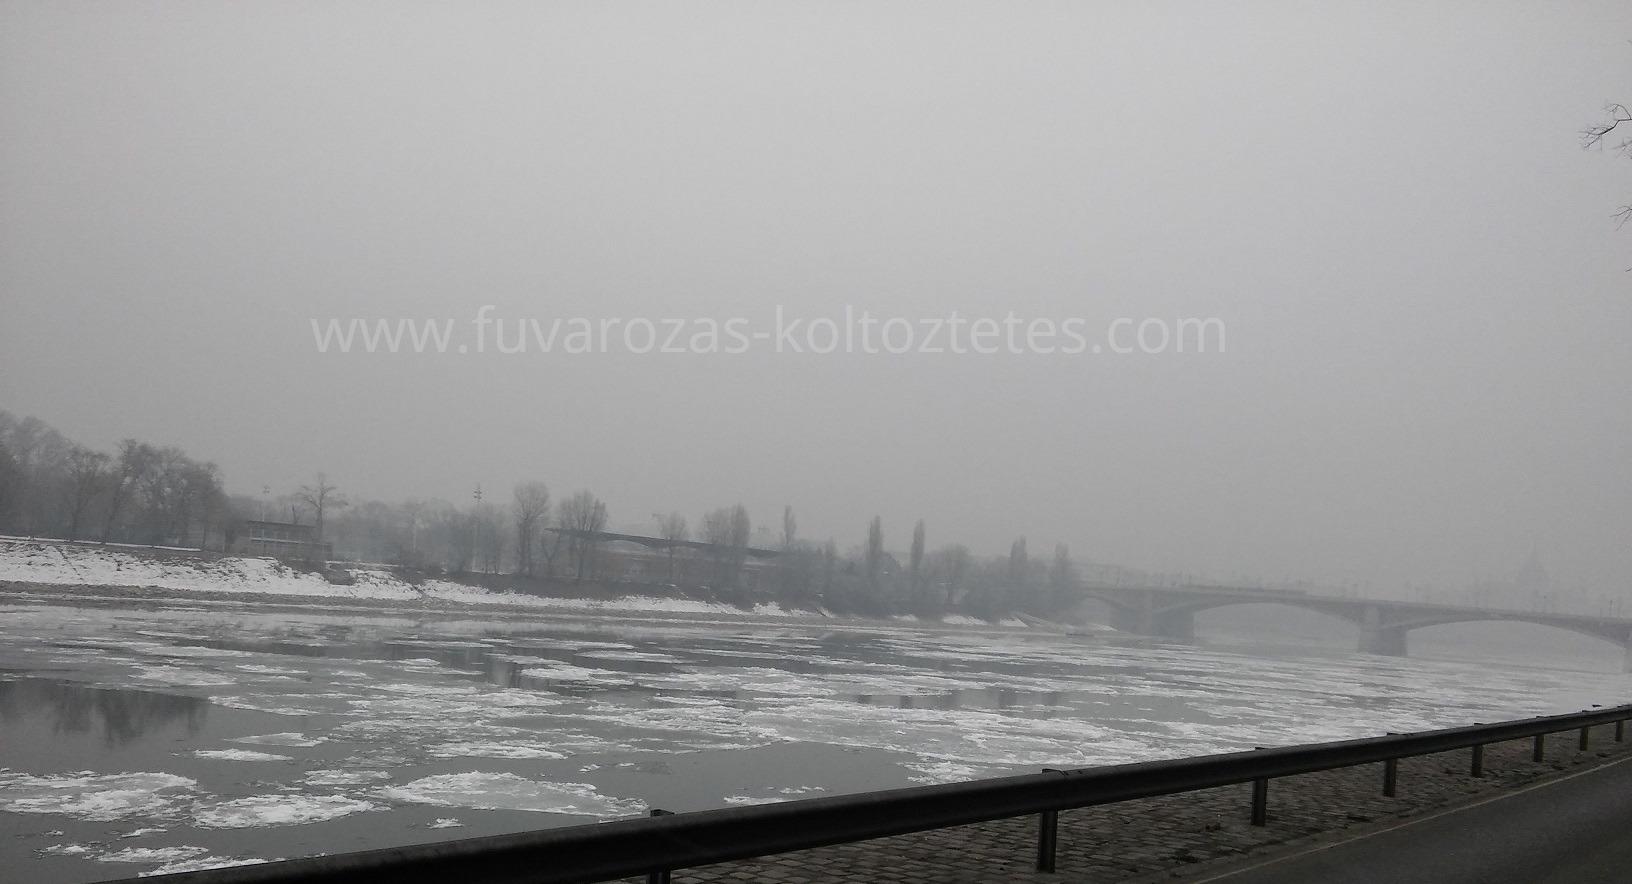 Költöztetés Budapesten.